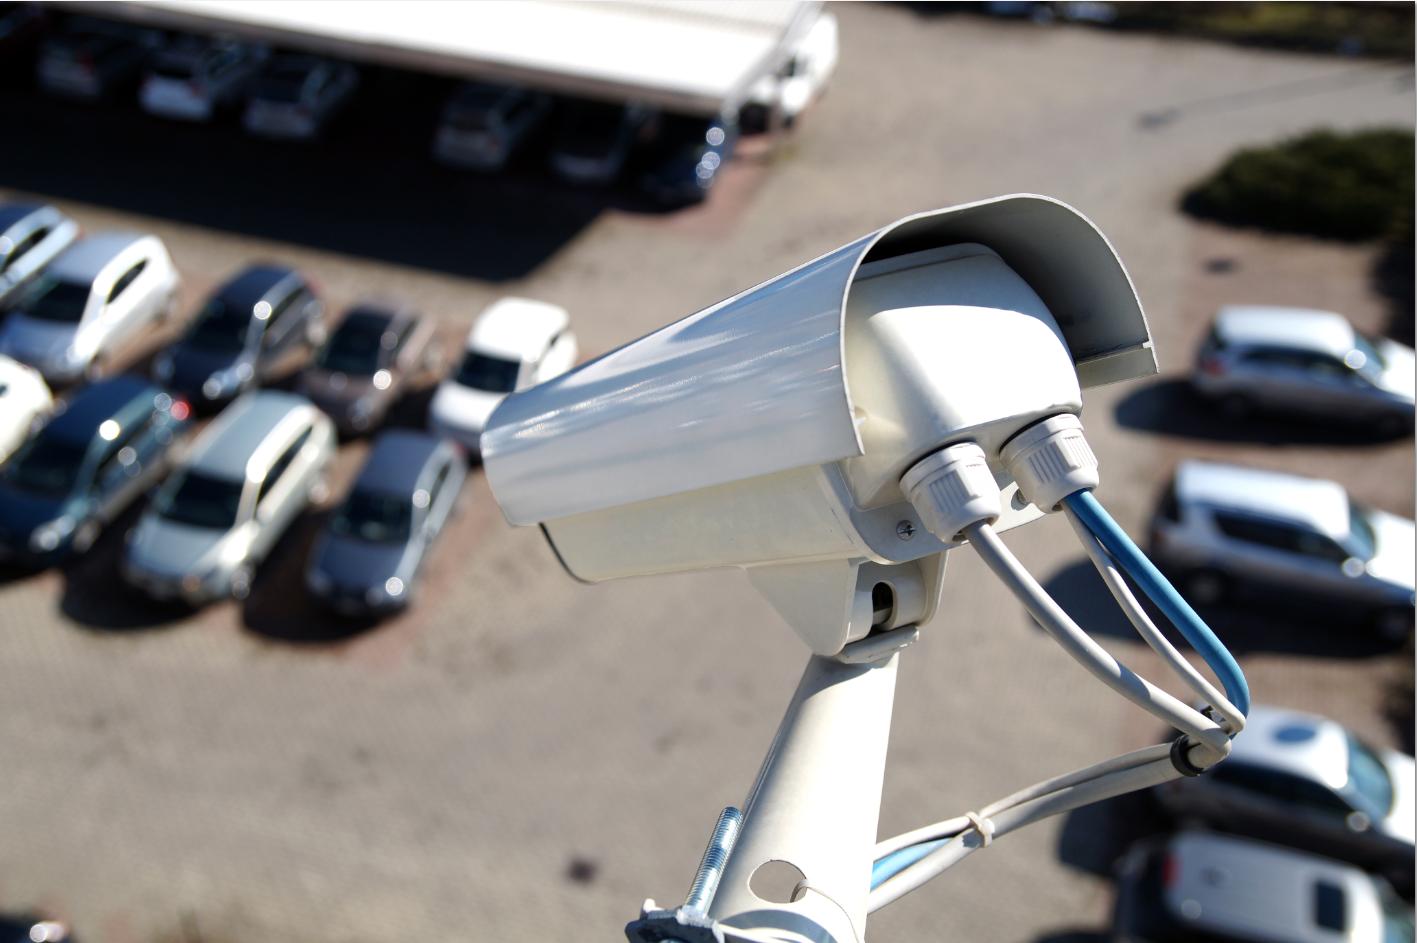 Security Camera Repair in San Bernardino